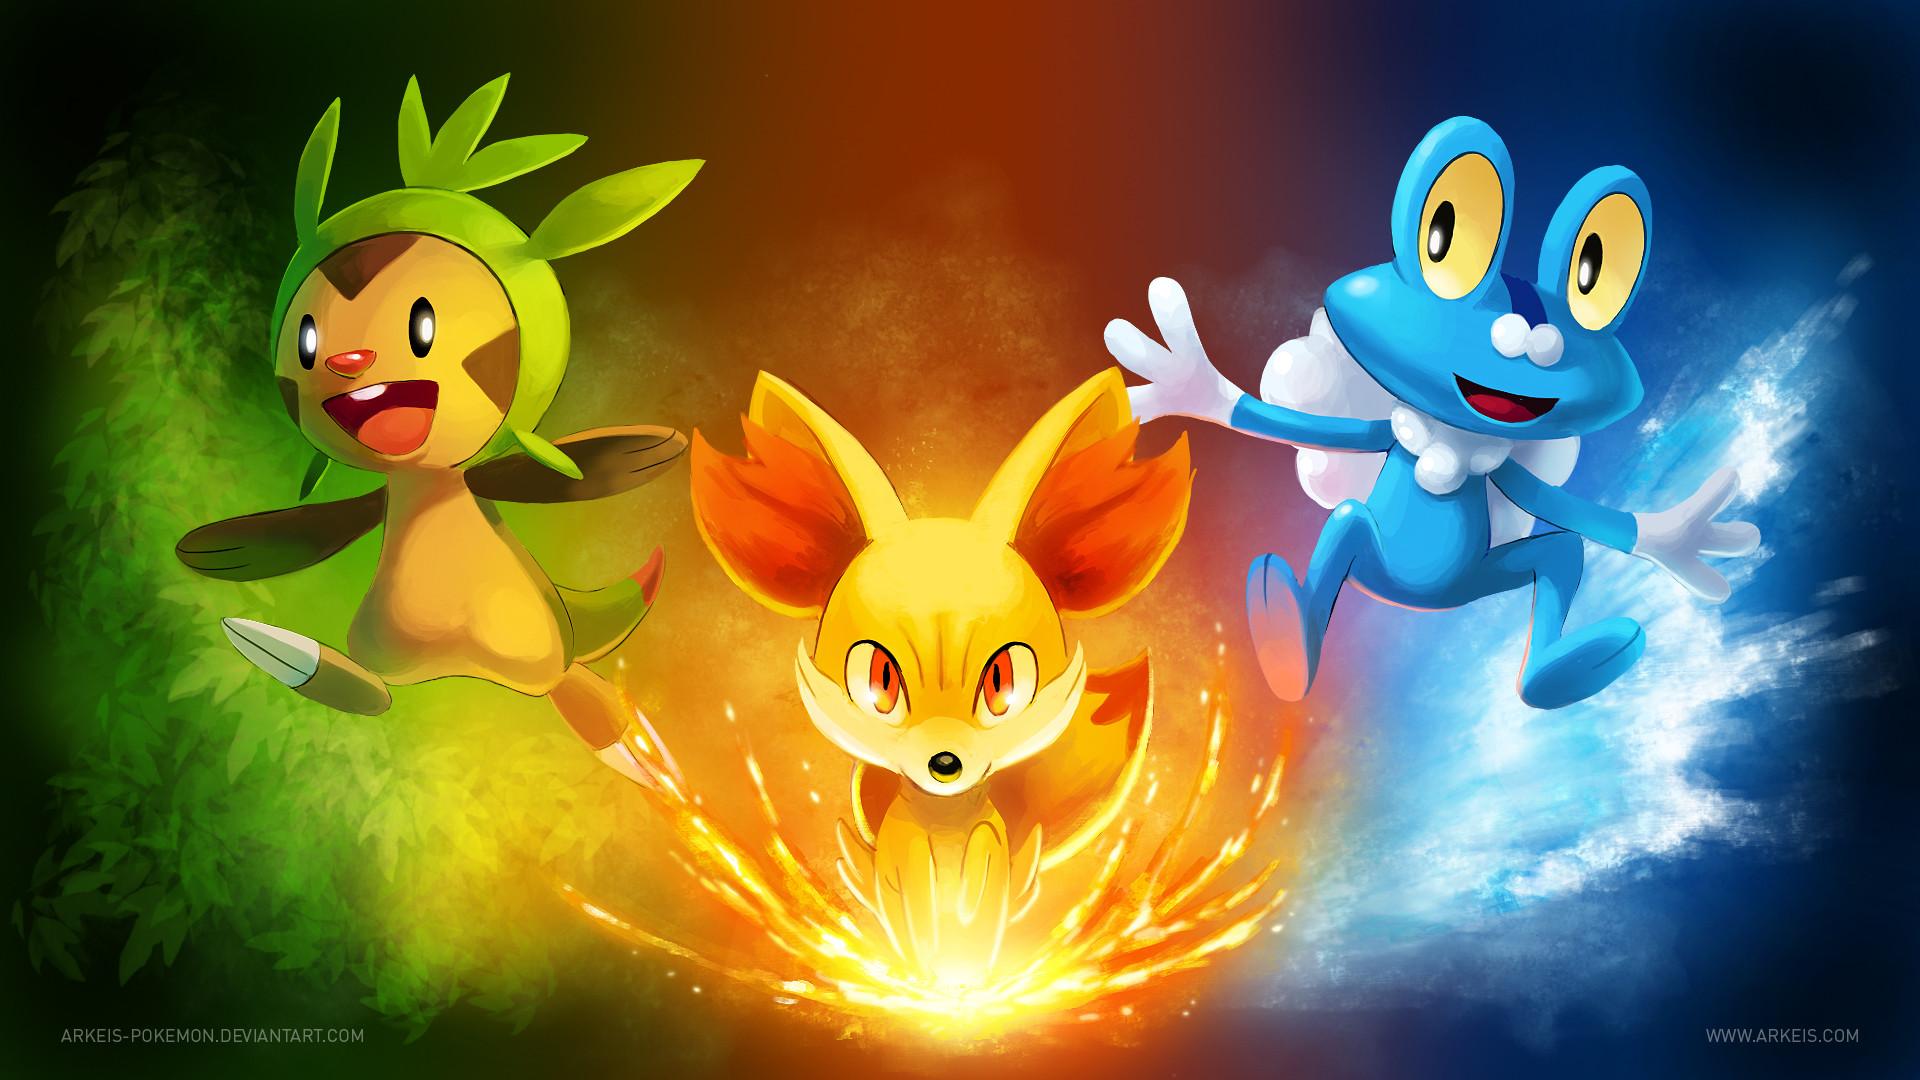 Cute pokemon partner wallpaper, HD Desktop Wallpapers